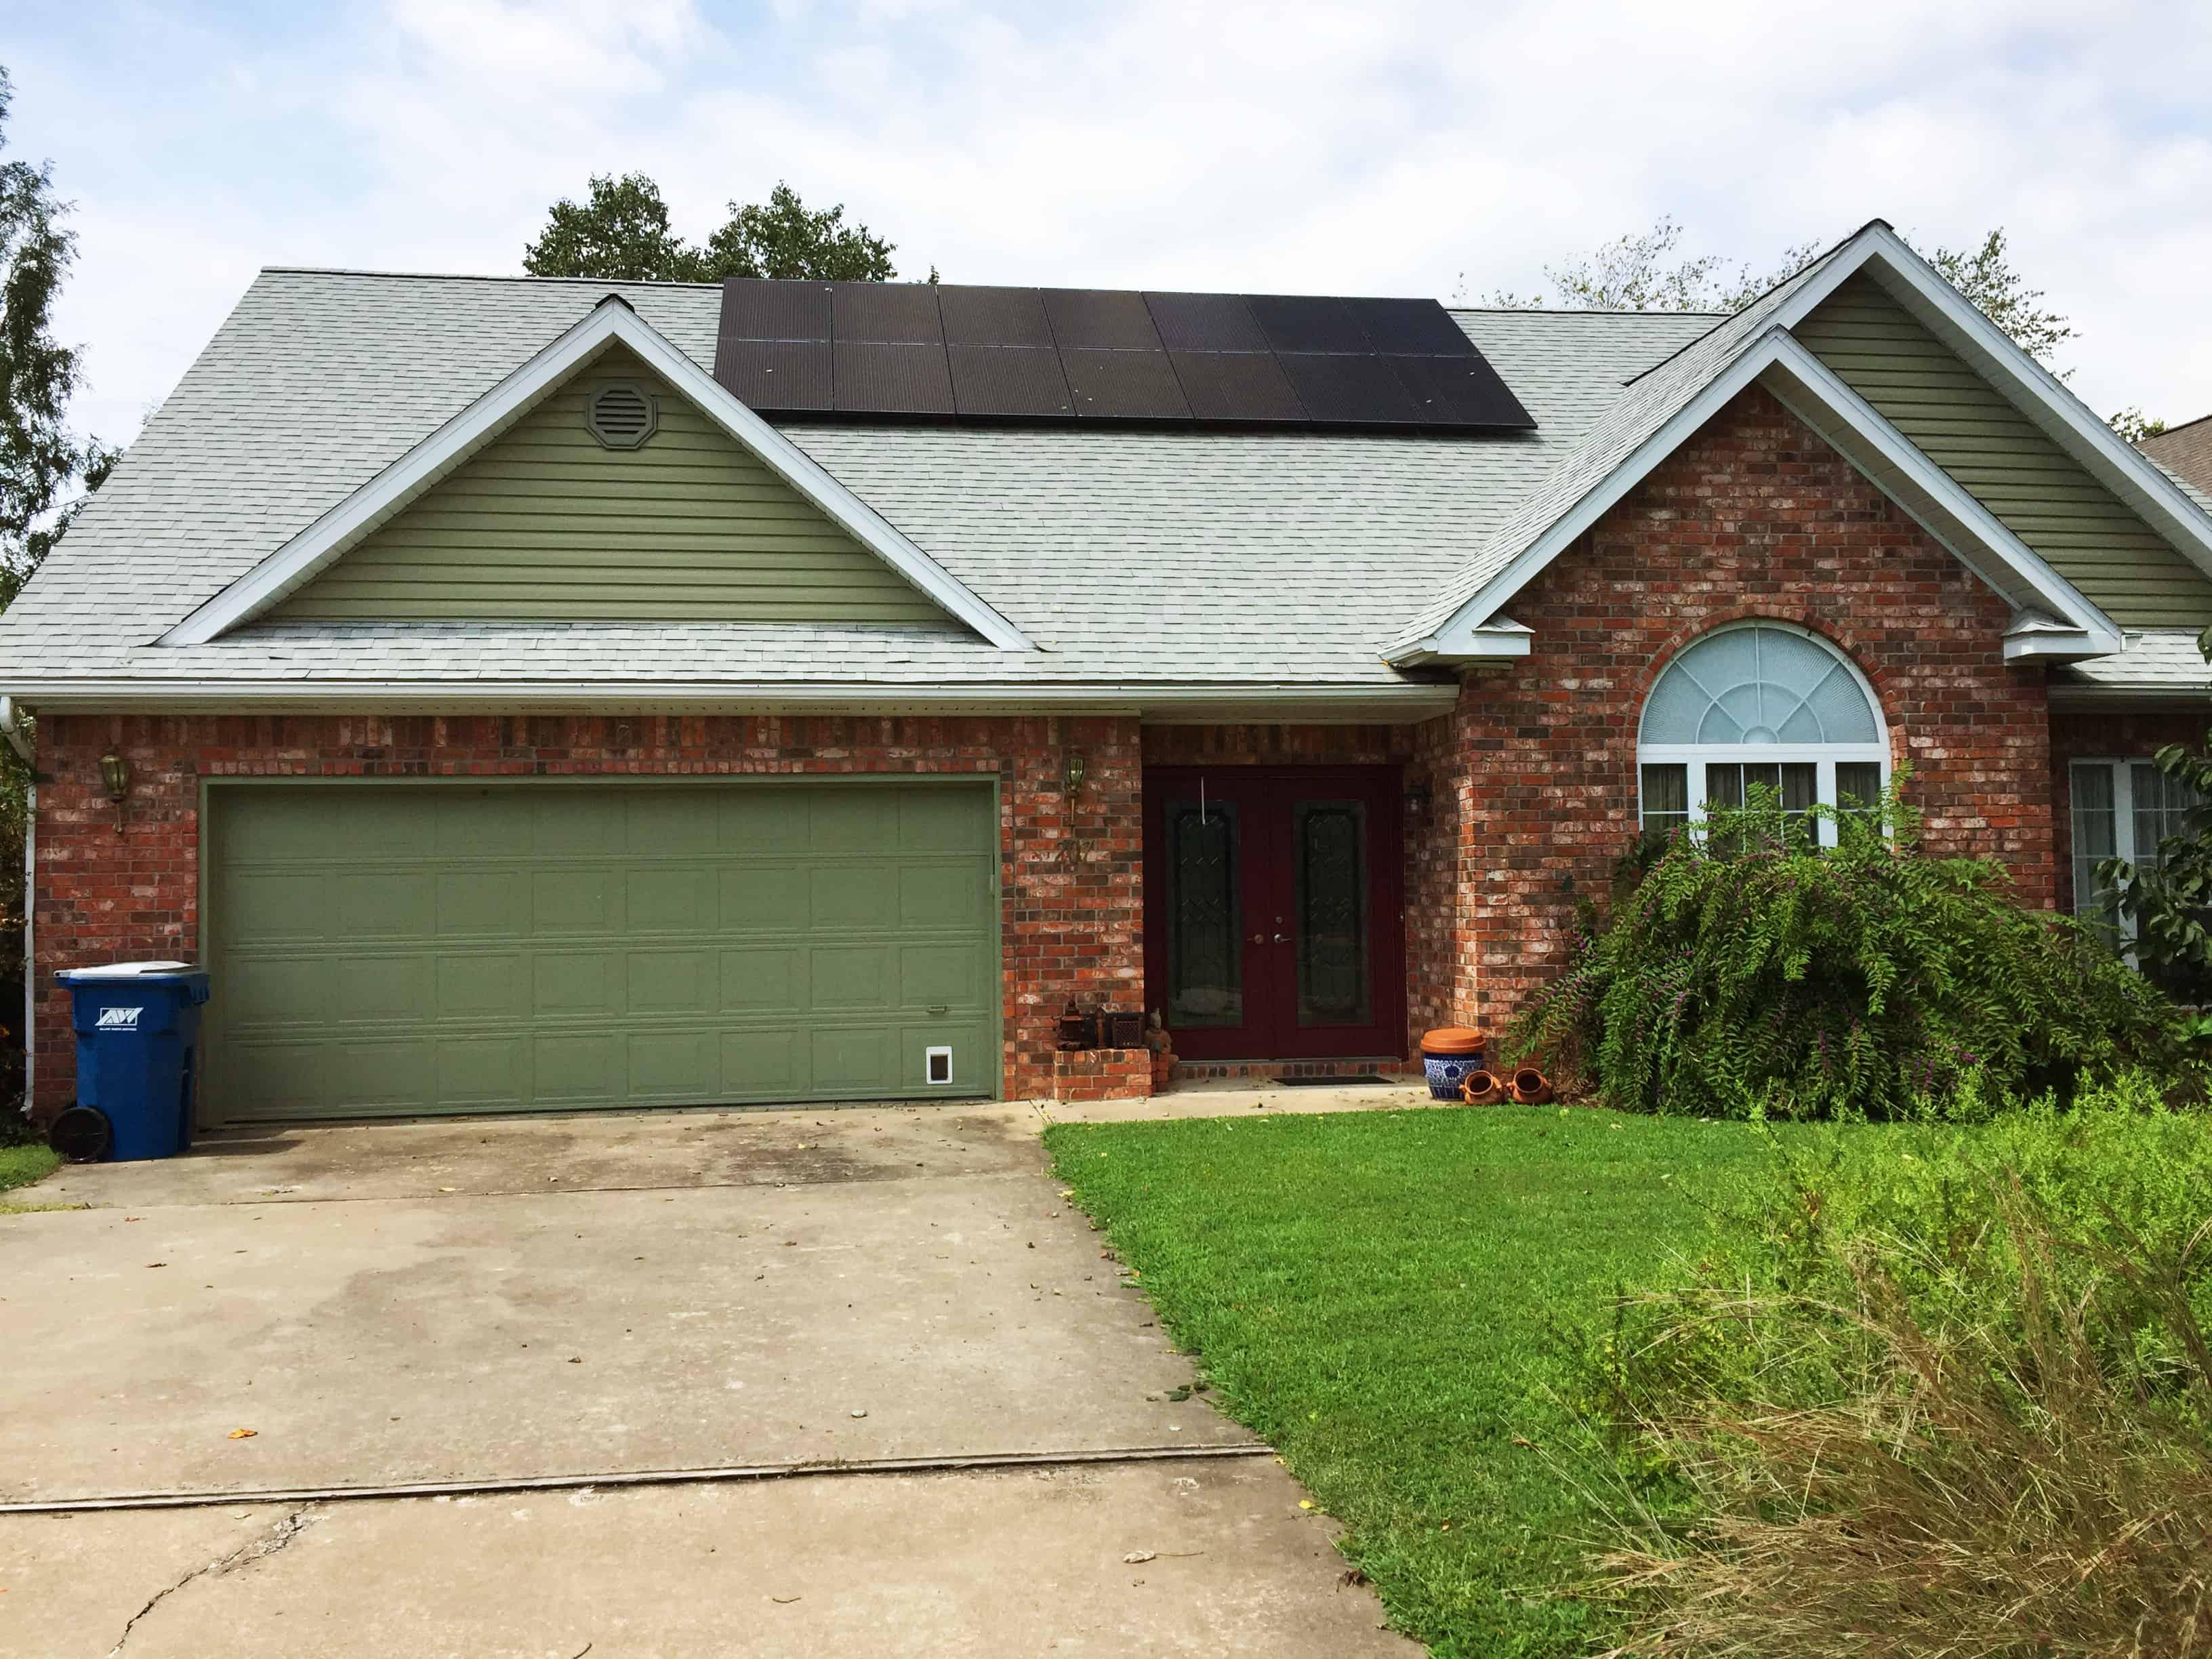 Northwest Arkansas solar panel installer